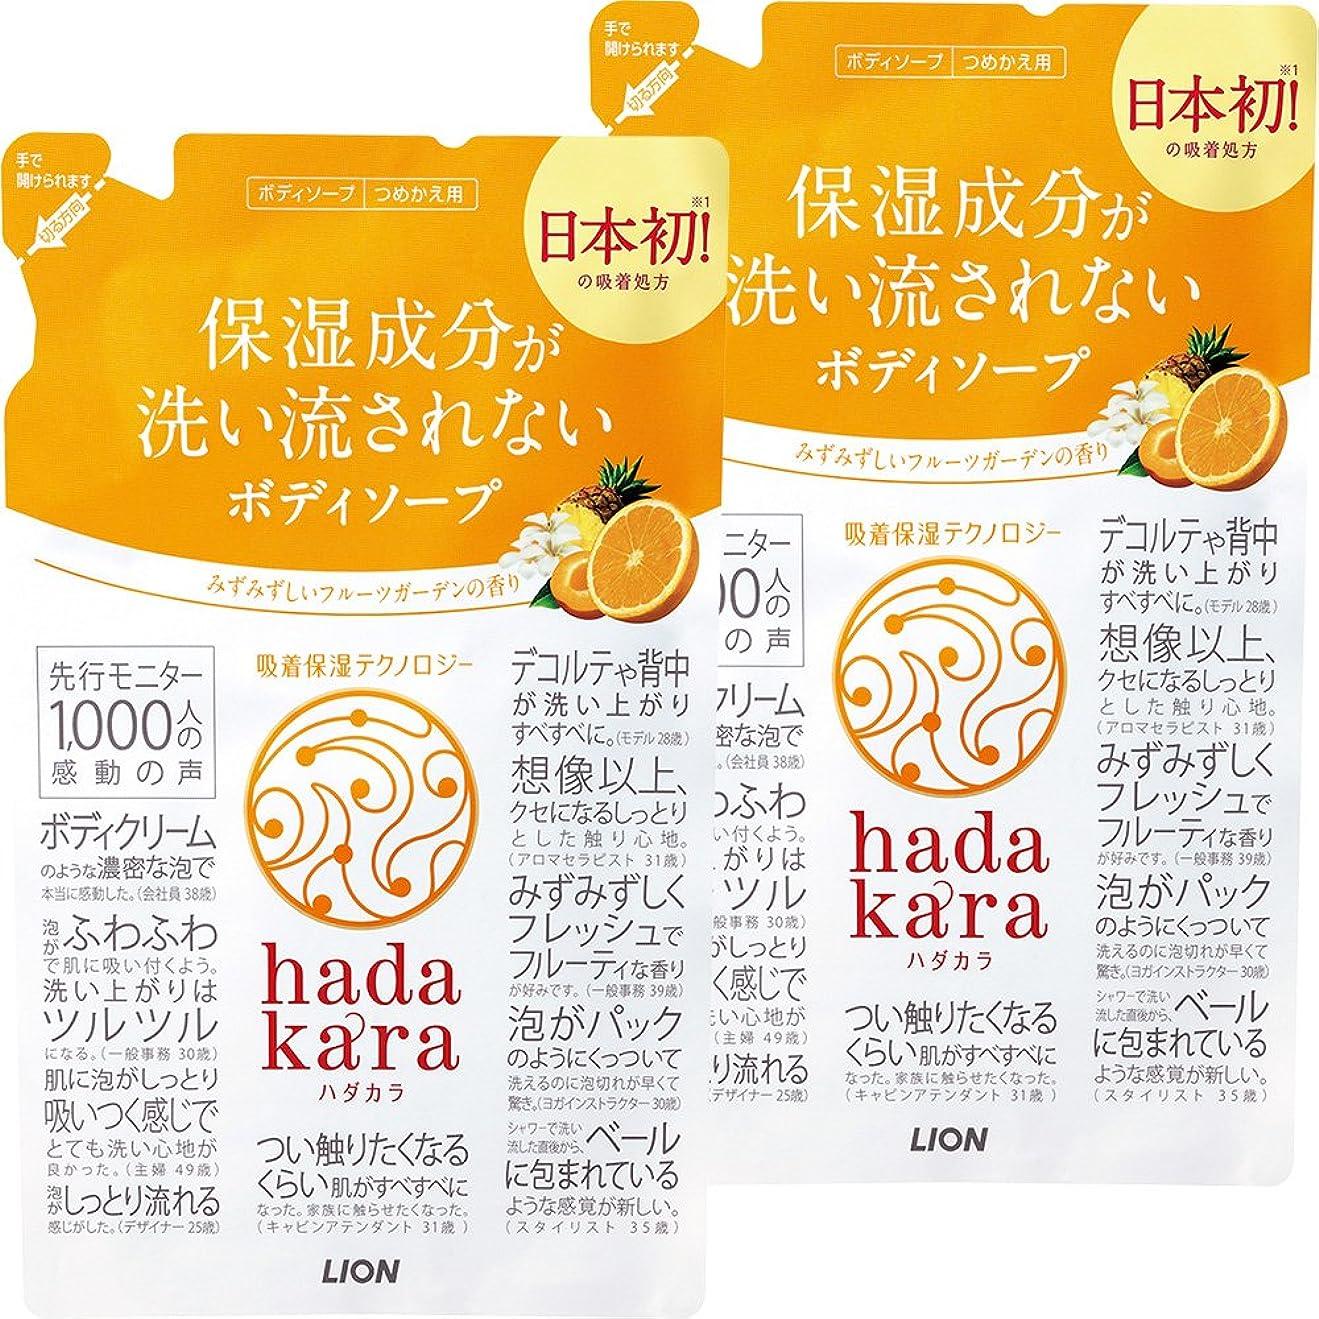 食べる神経衰弱感じ【まとめ買い】hadakara(ハダカラ) ボディソープ フルーツガーデンの香り 詰め替え 360ml×2個パック